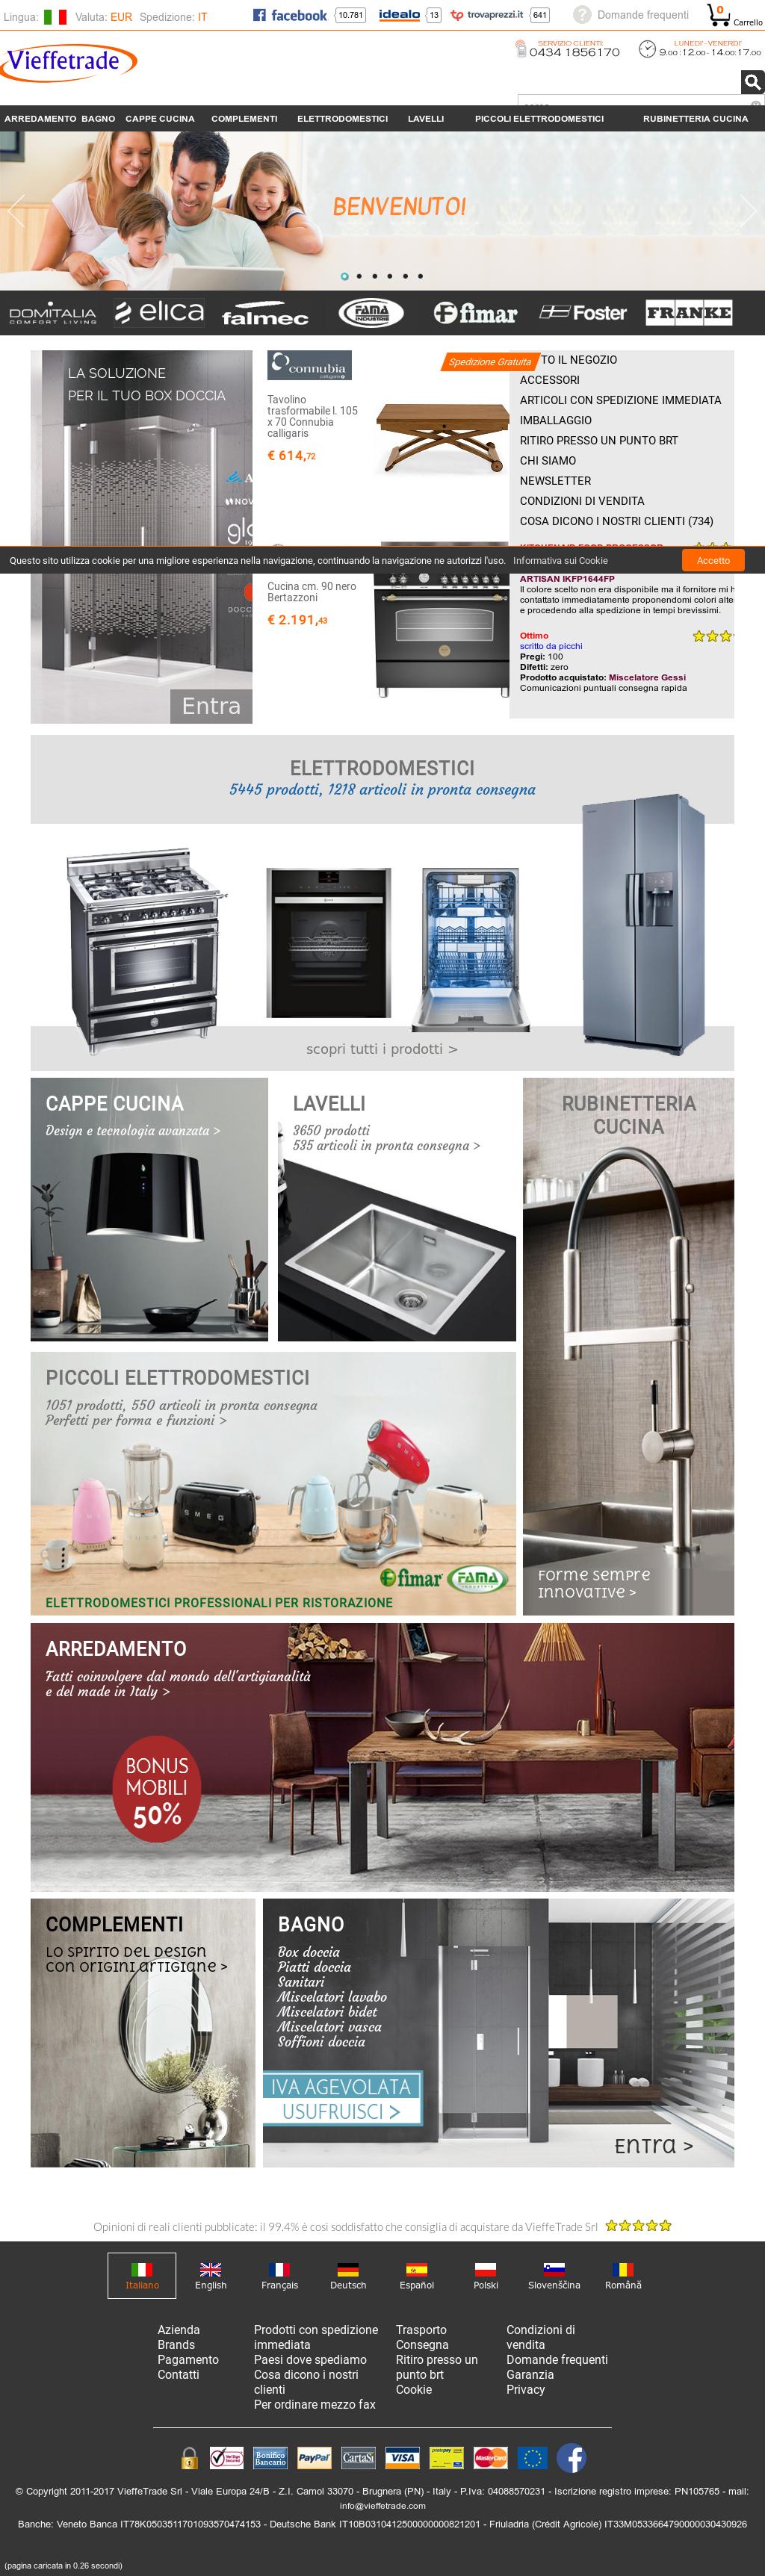 Vieffetrade -your Shopping: Vendita Online Elettrodomestici ...